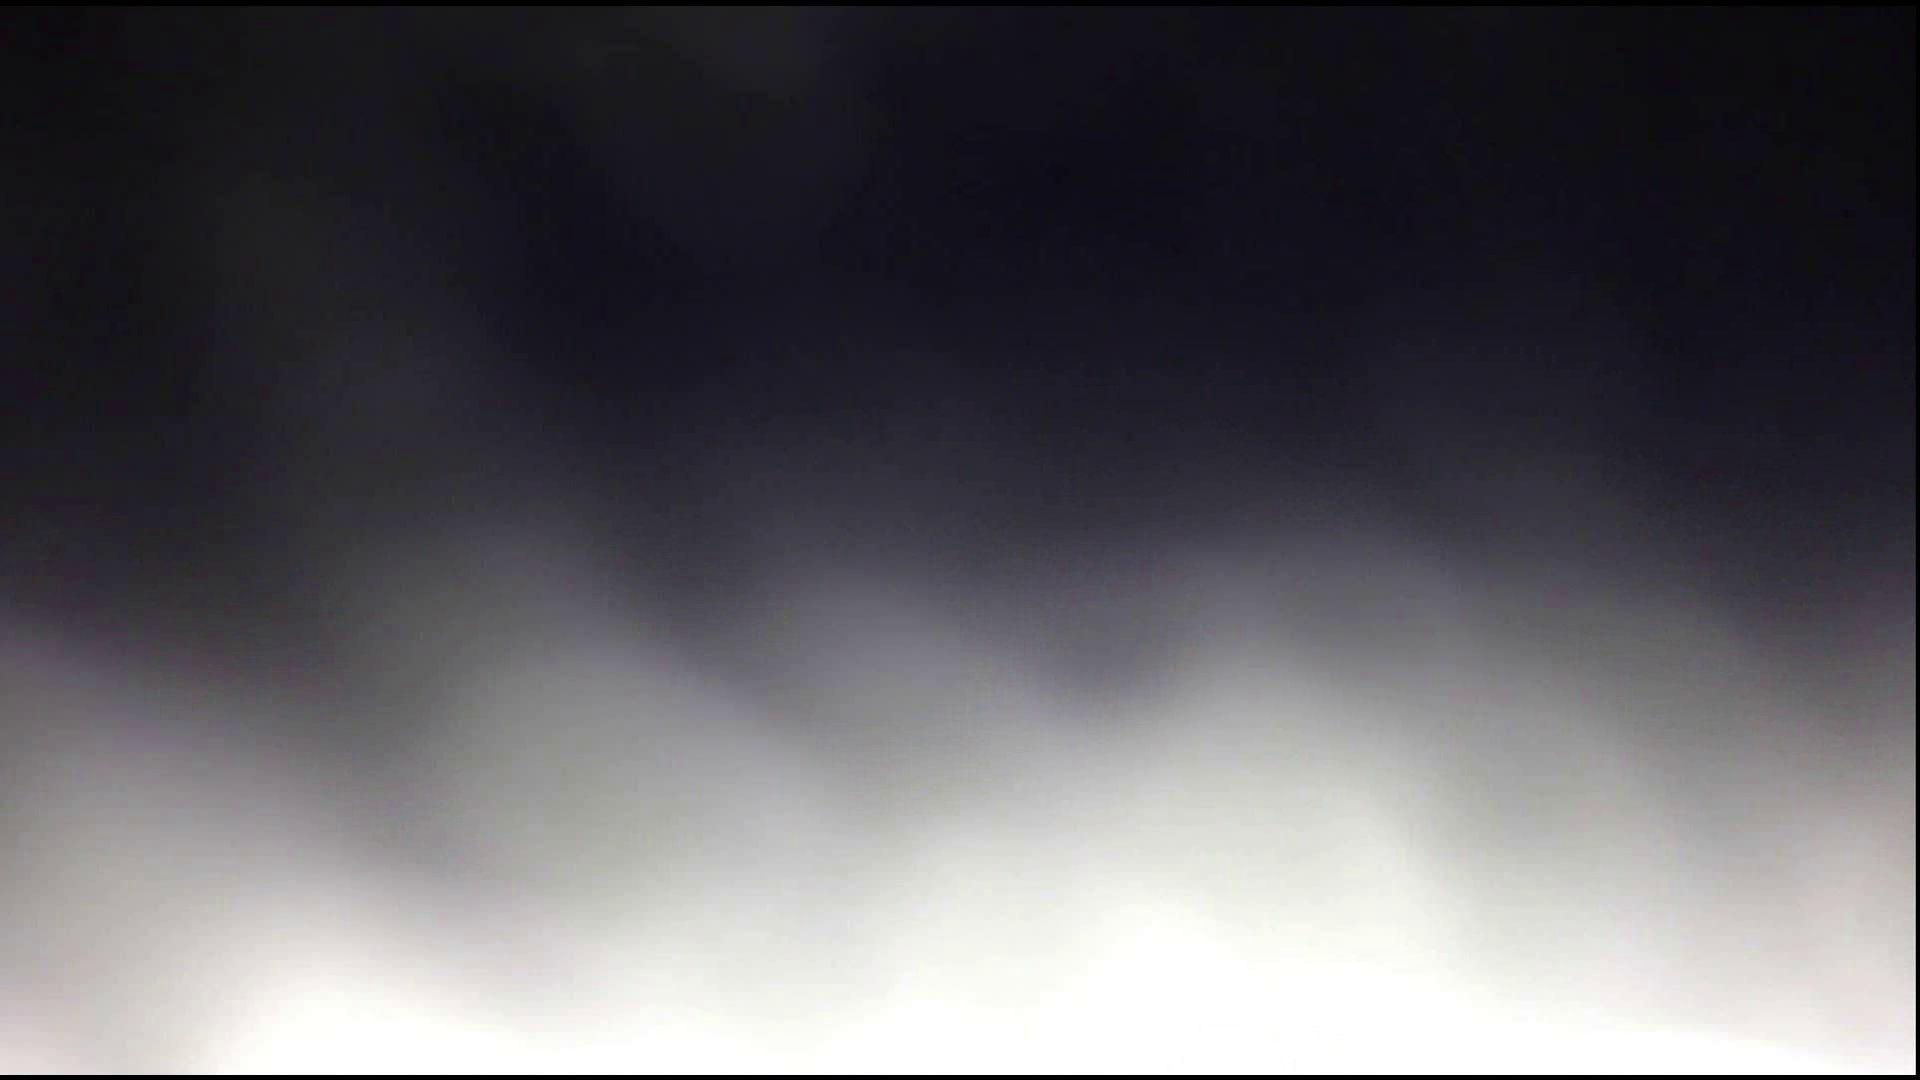 上級者の方専用 vol.09 OLセックス | 0  98画像 59